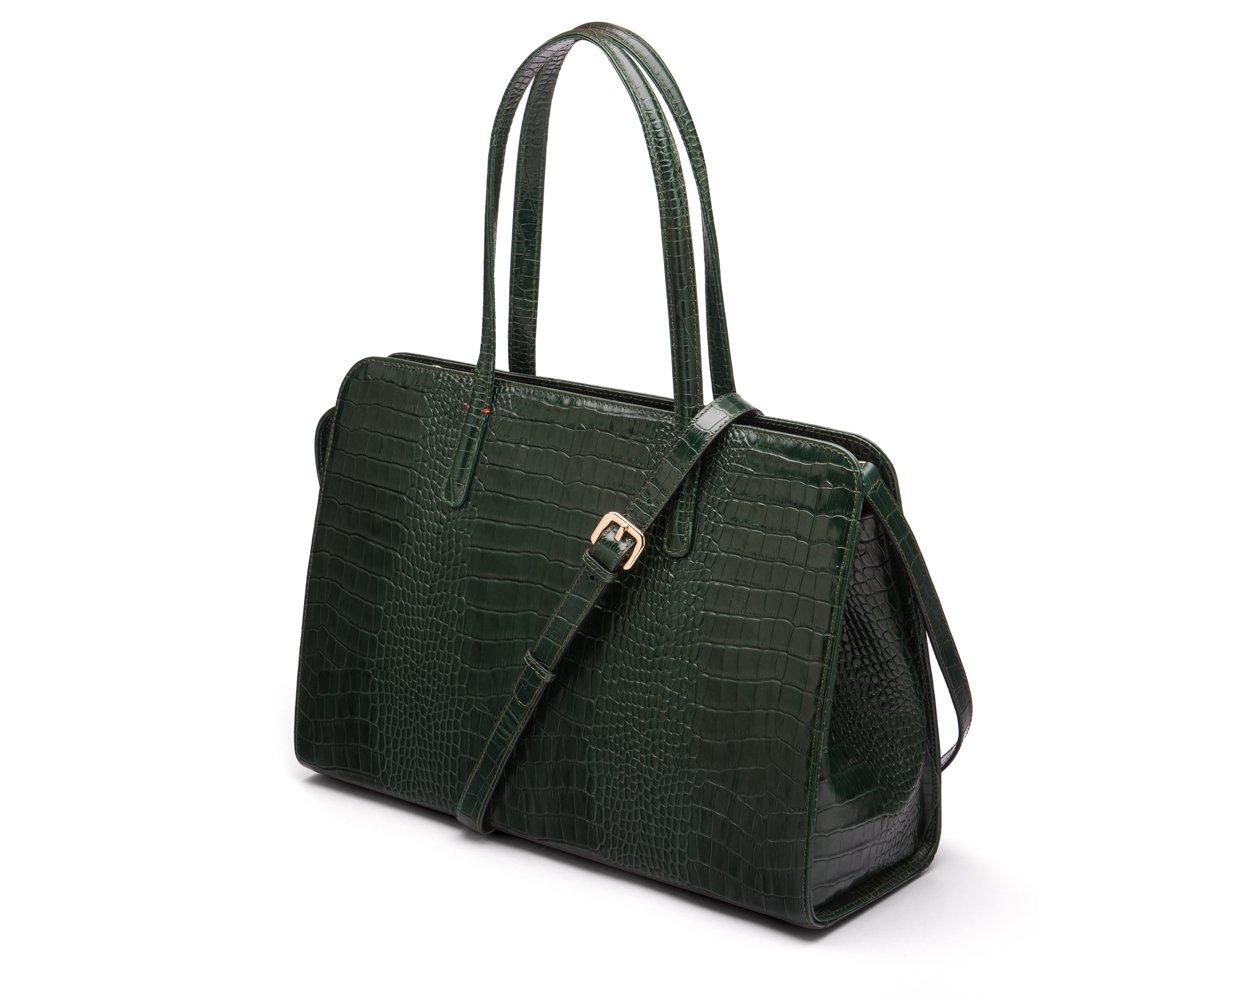 SAGEBROWN Green Croc Ladies Leather Work Bag